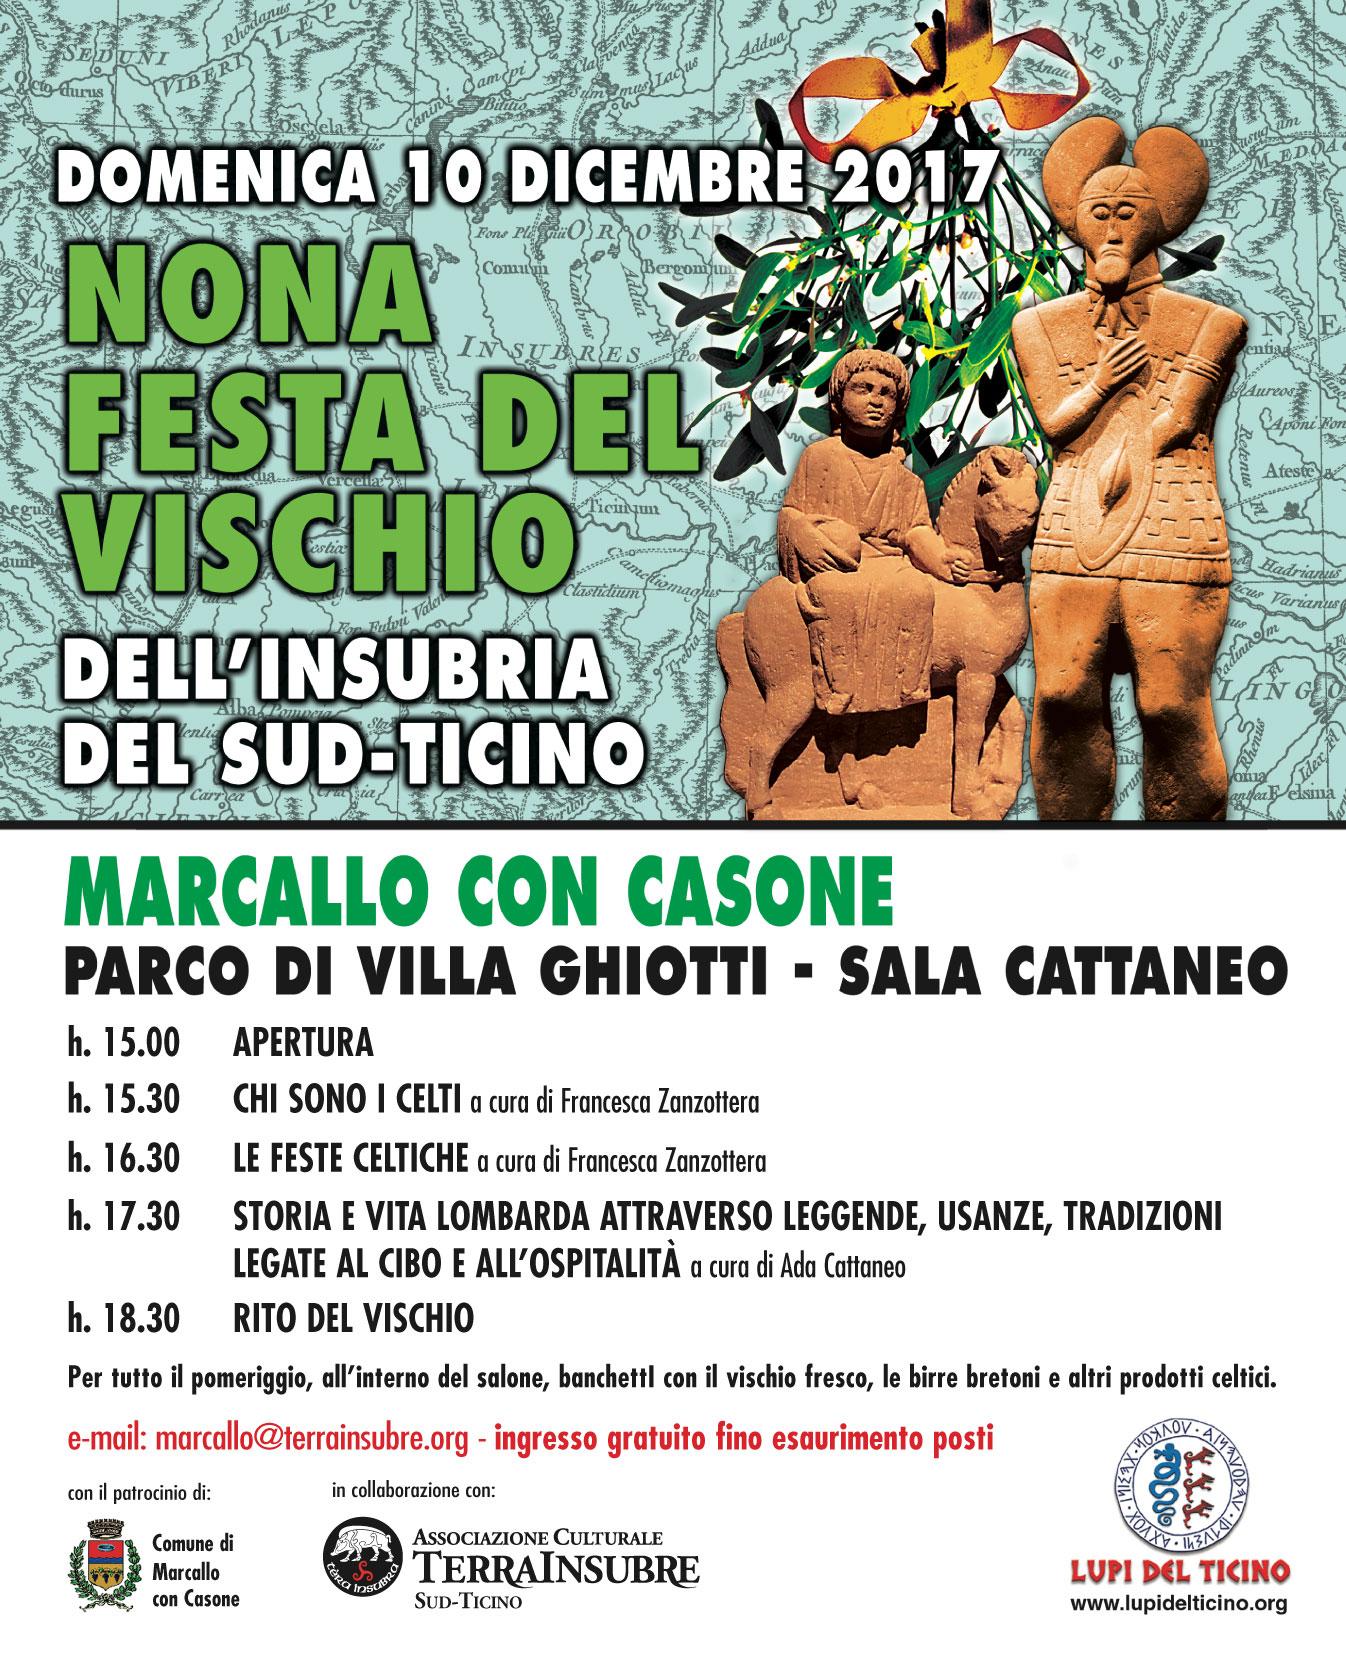 9° FESTA DEL VISCHIO A MARCALLO CON CASONE IL 10 DICEMBRE VISCHIO 2017